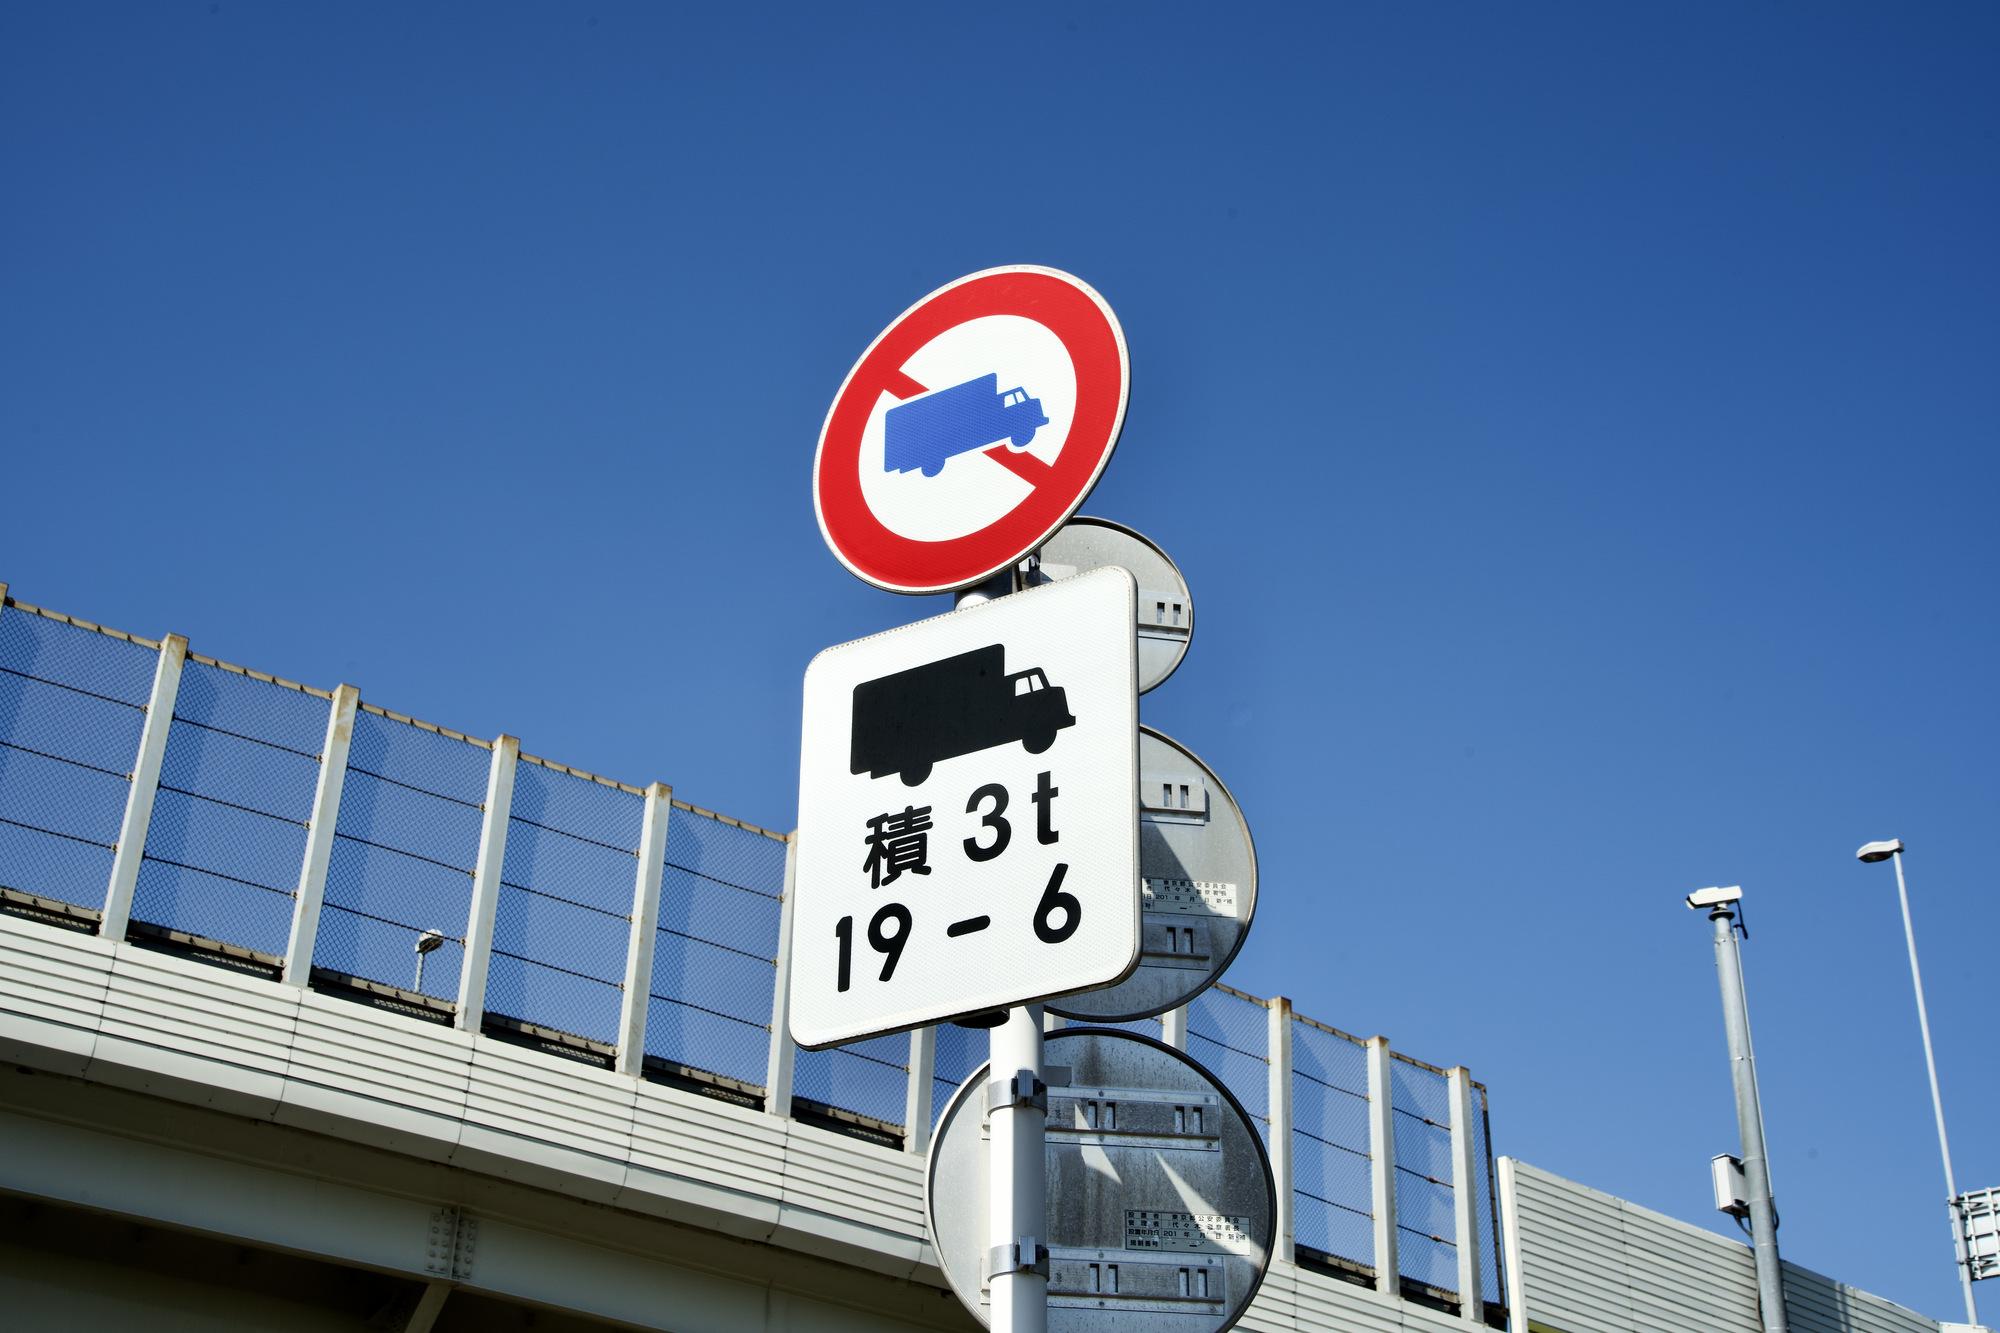 トラック規制標識